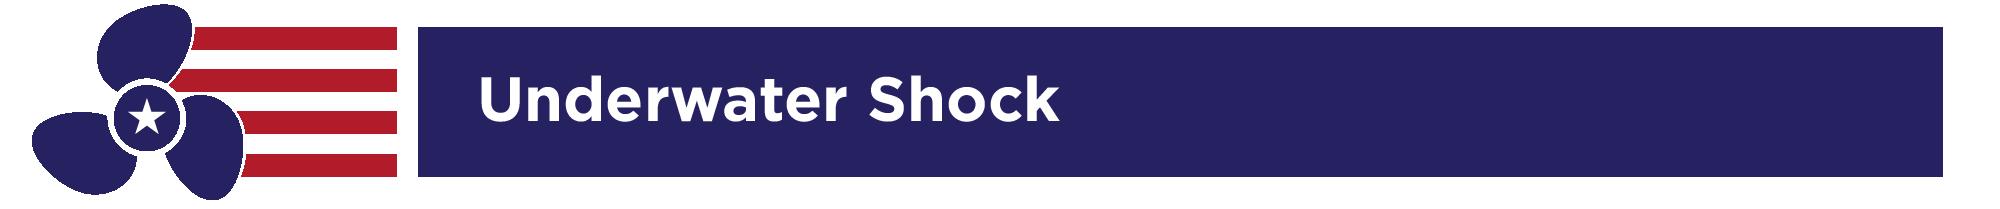 Underwater Shock